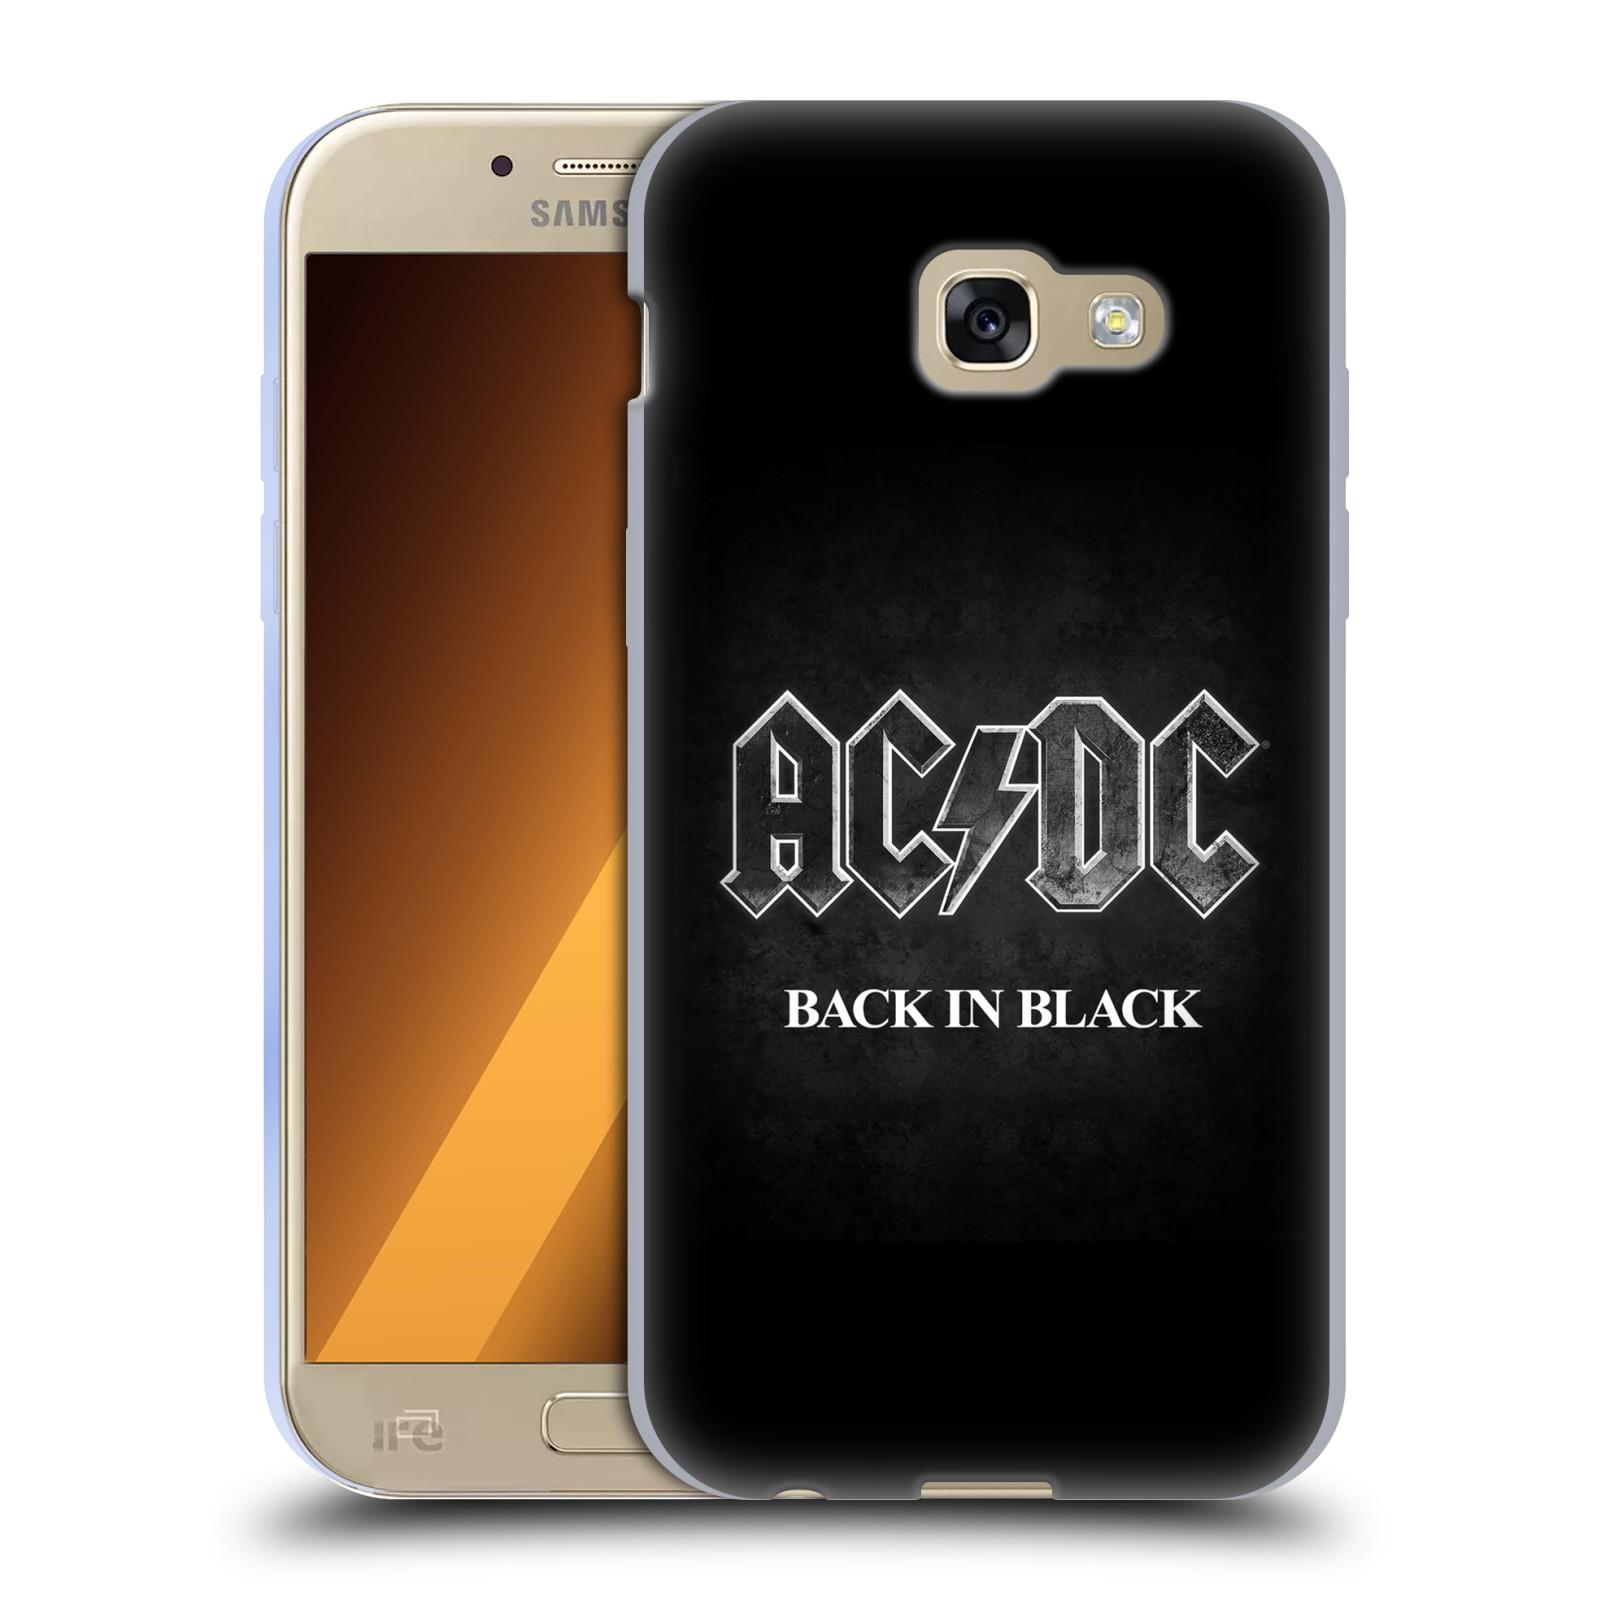 Silikonové pouzdro na mobil Samsung Galaxy A5 (2017) HEAD CASE AC/DC BACK IN BLACK (Silikonový kryt či obal na mobilní telefon s oficiálním motivem australské skupiny AC/DC pro Samsung Galaxy A5 2017 SM-A520)